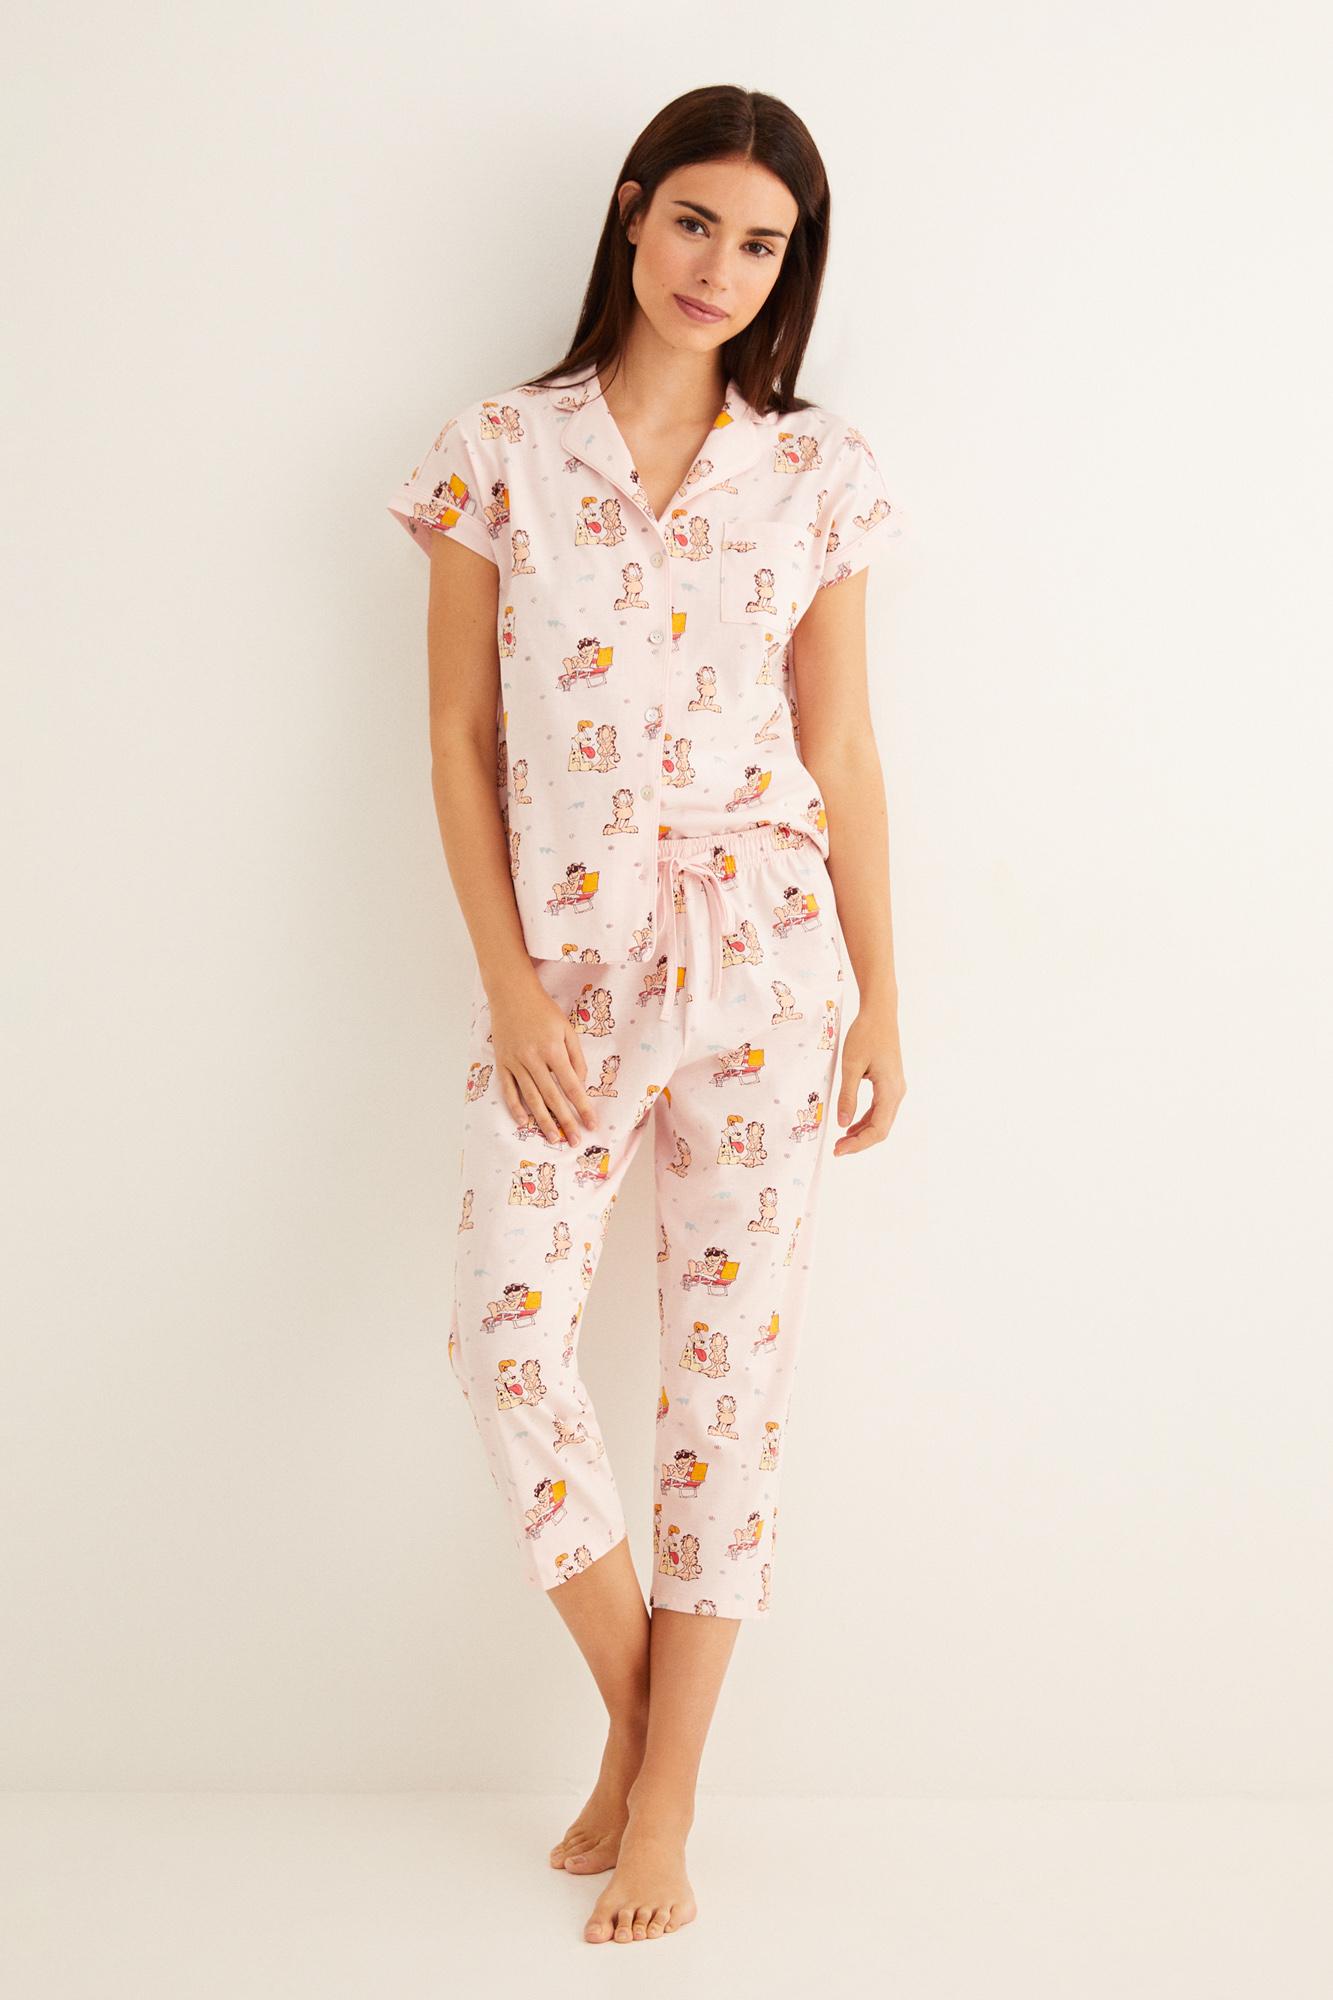 Pijama camisero Garfield   Pijamas largos   Women'secret